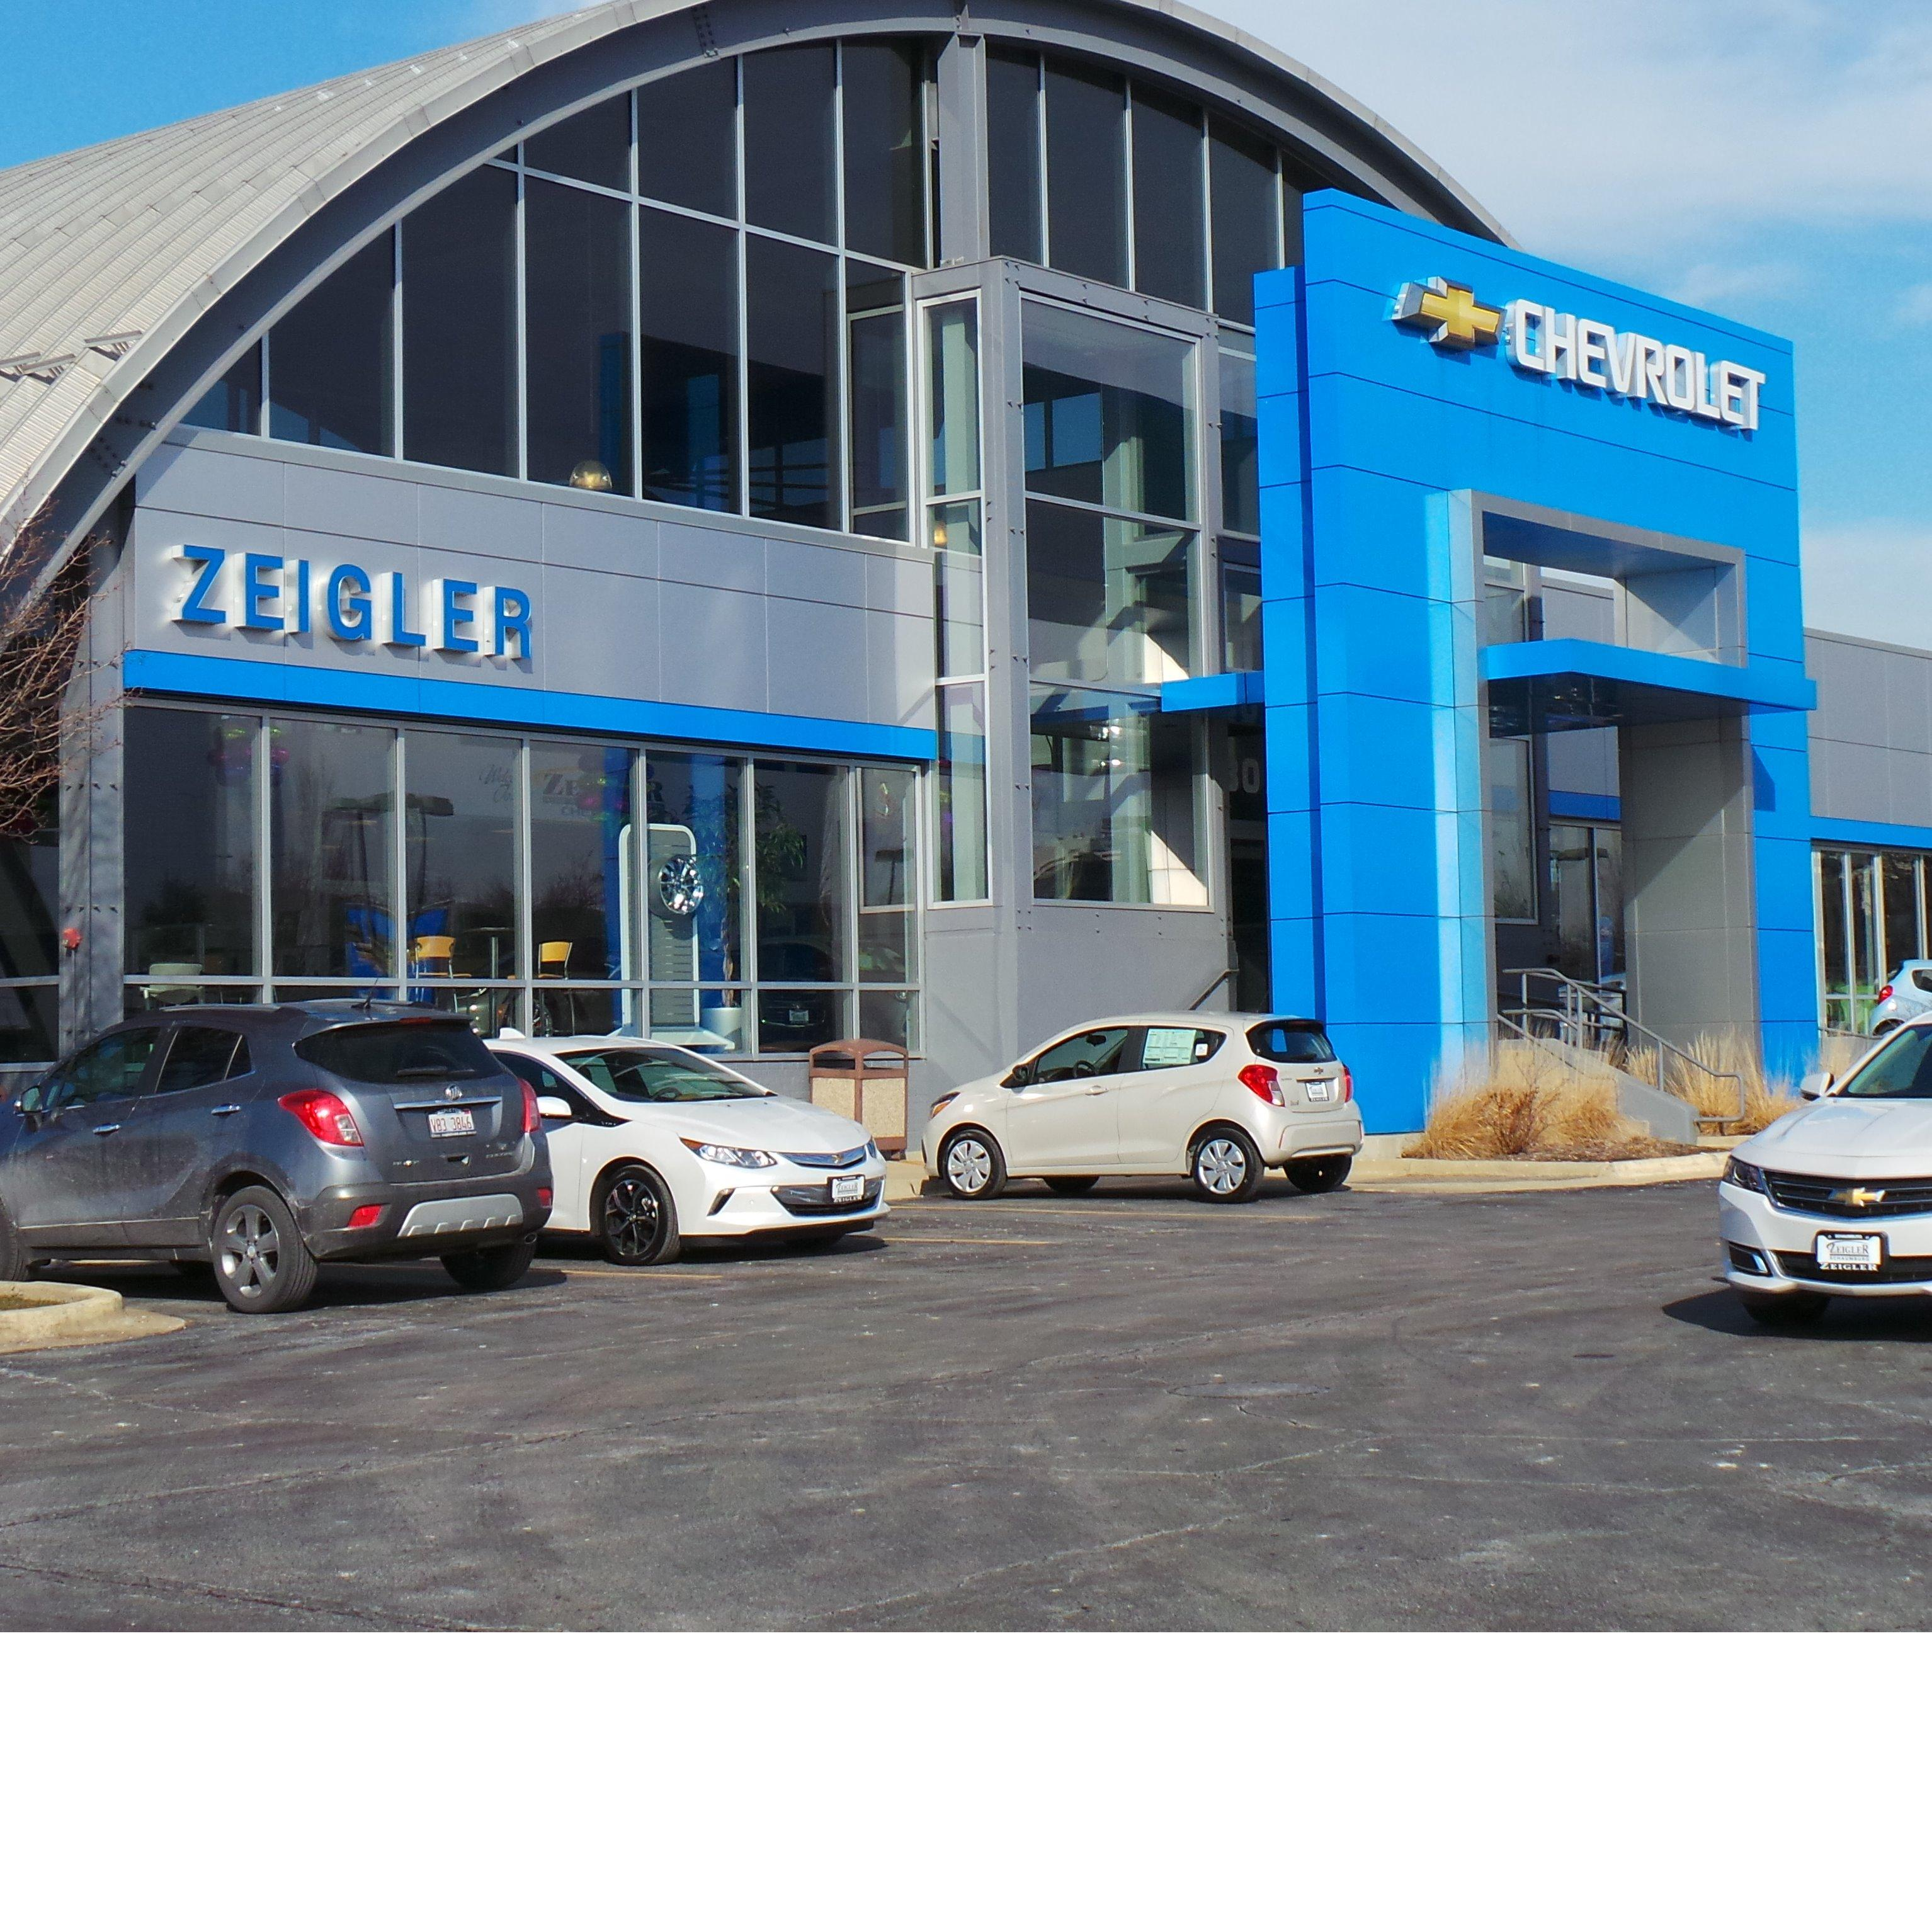 Zeigler Chevrolet Schaumburg